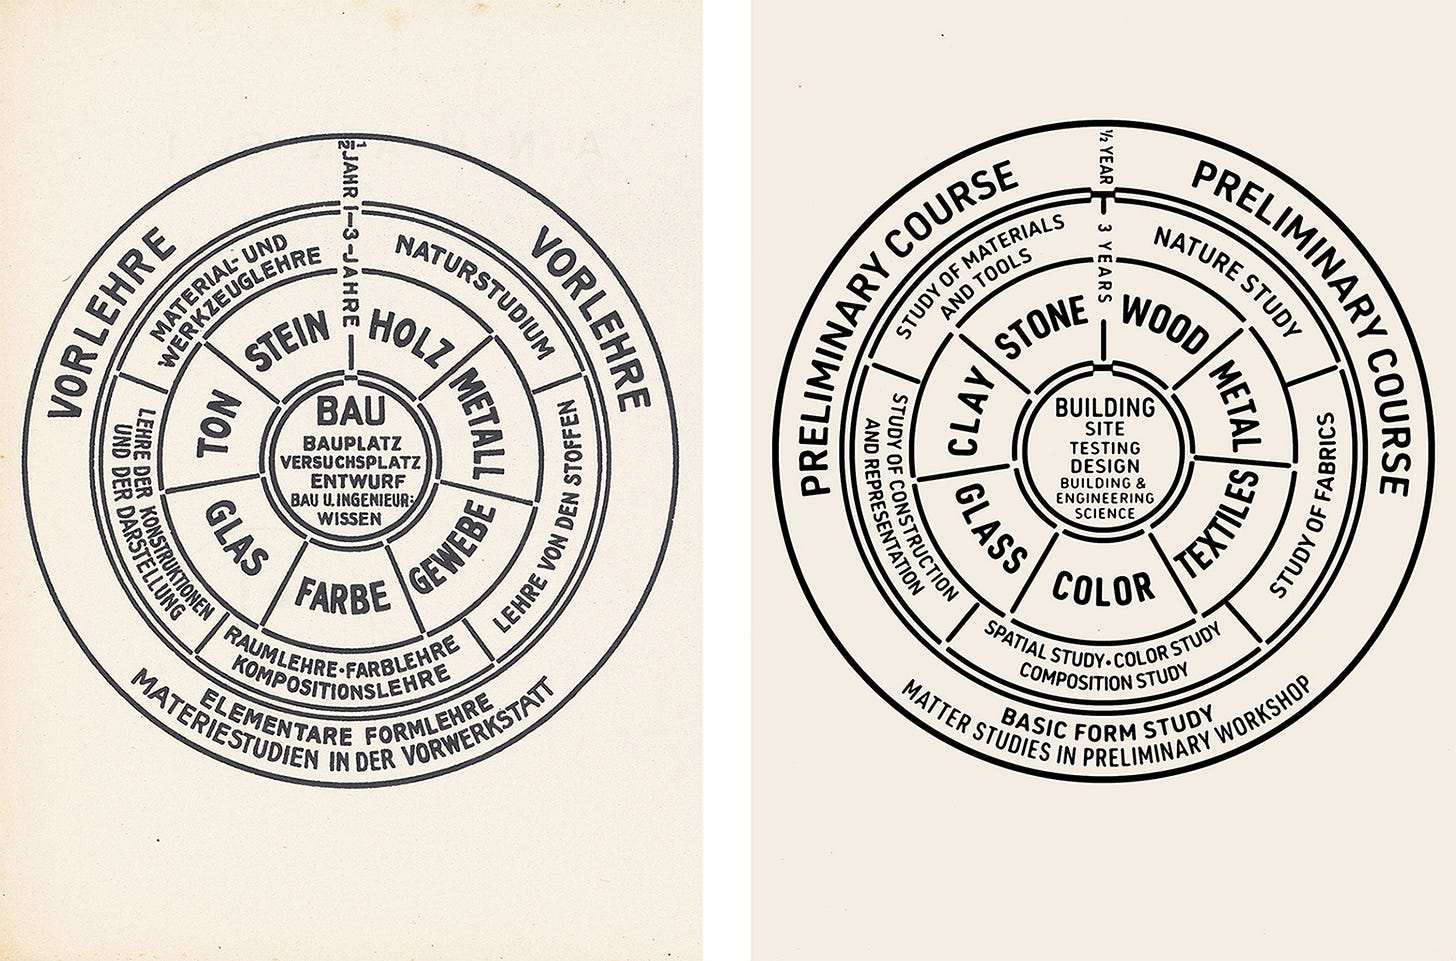 Principles and Curriculum | Bauhaus